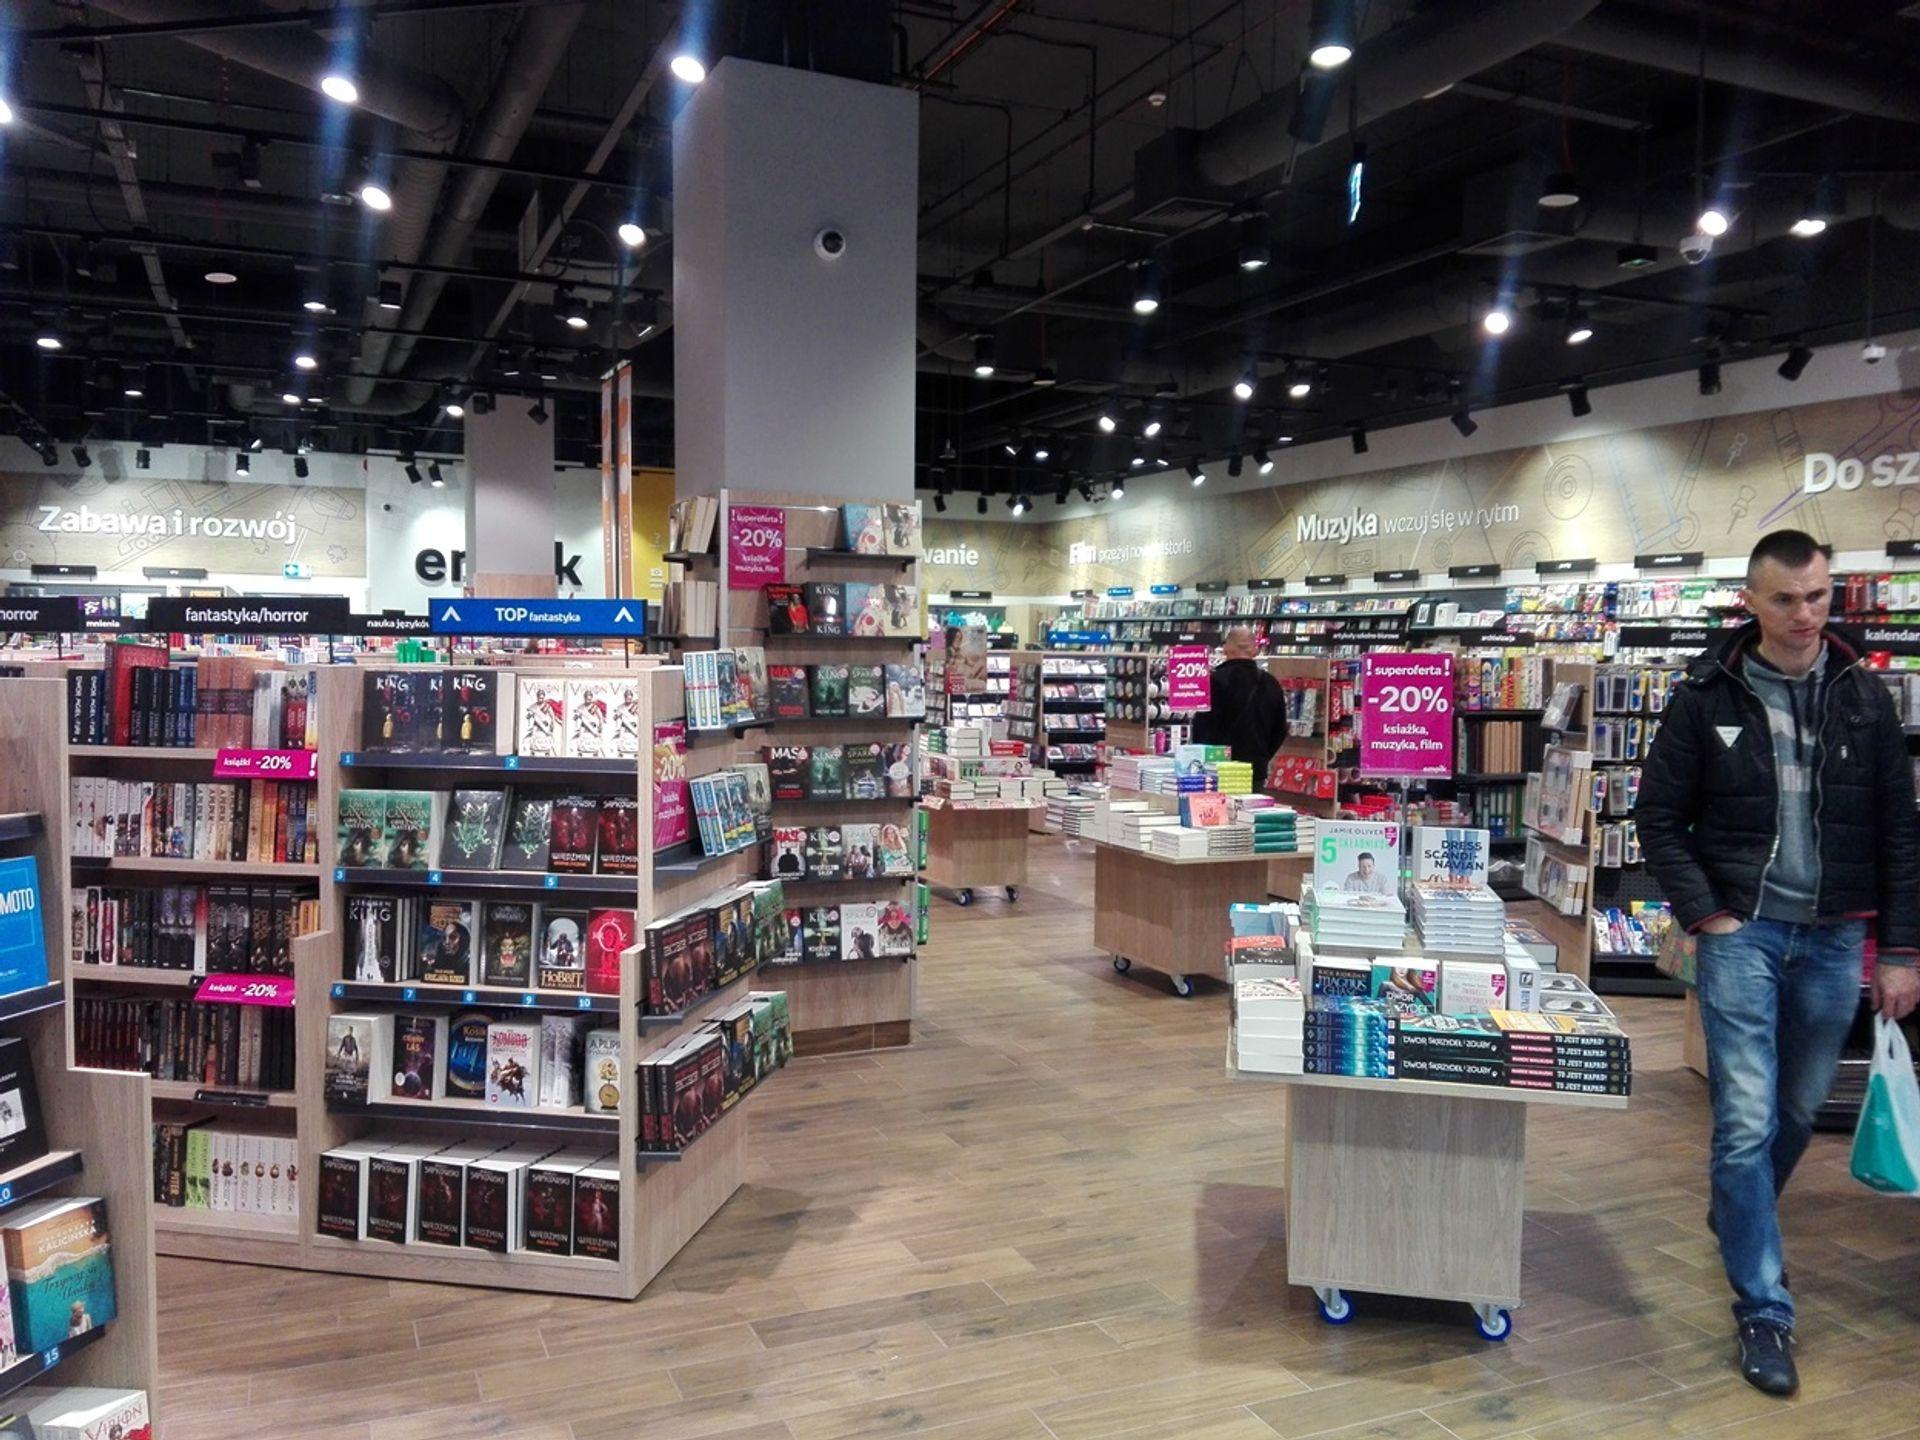 [dolnośląskie] Księgarnia w galerii Nowy Rynek przywitała pierwszych klientów